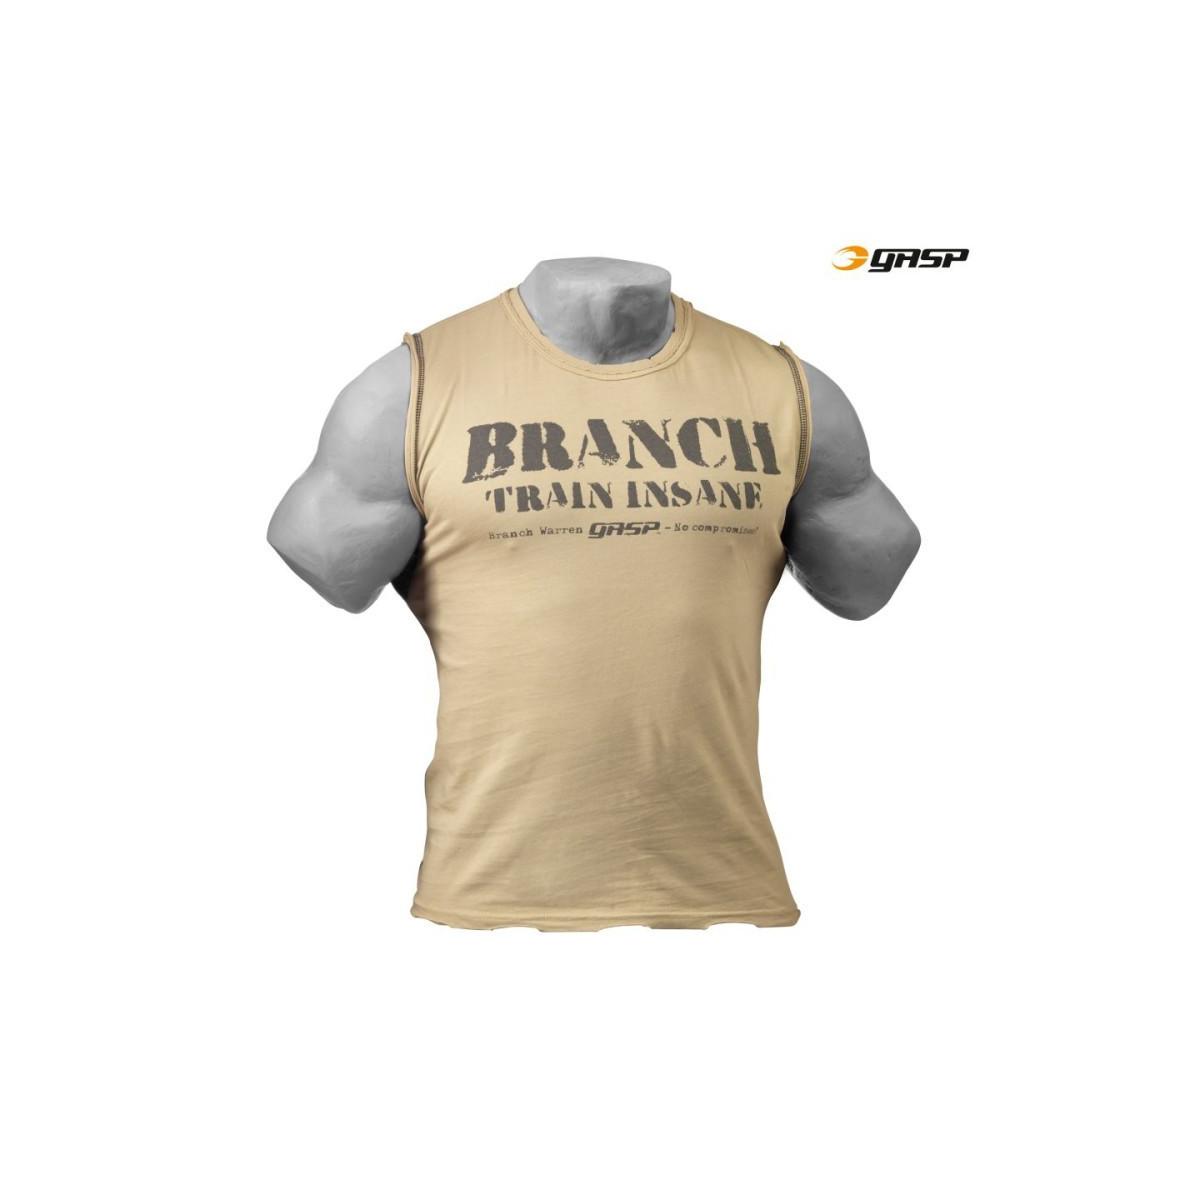 BRANCH SPP L/S - Desert